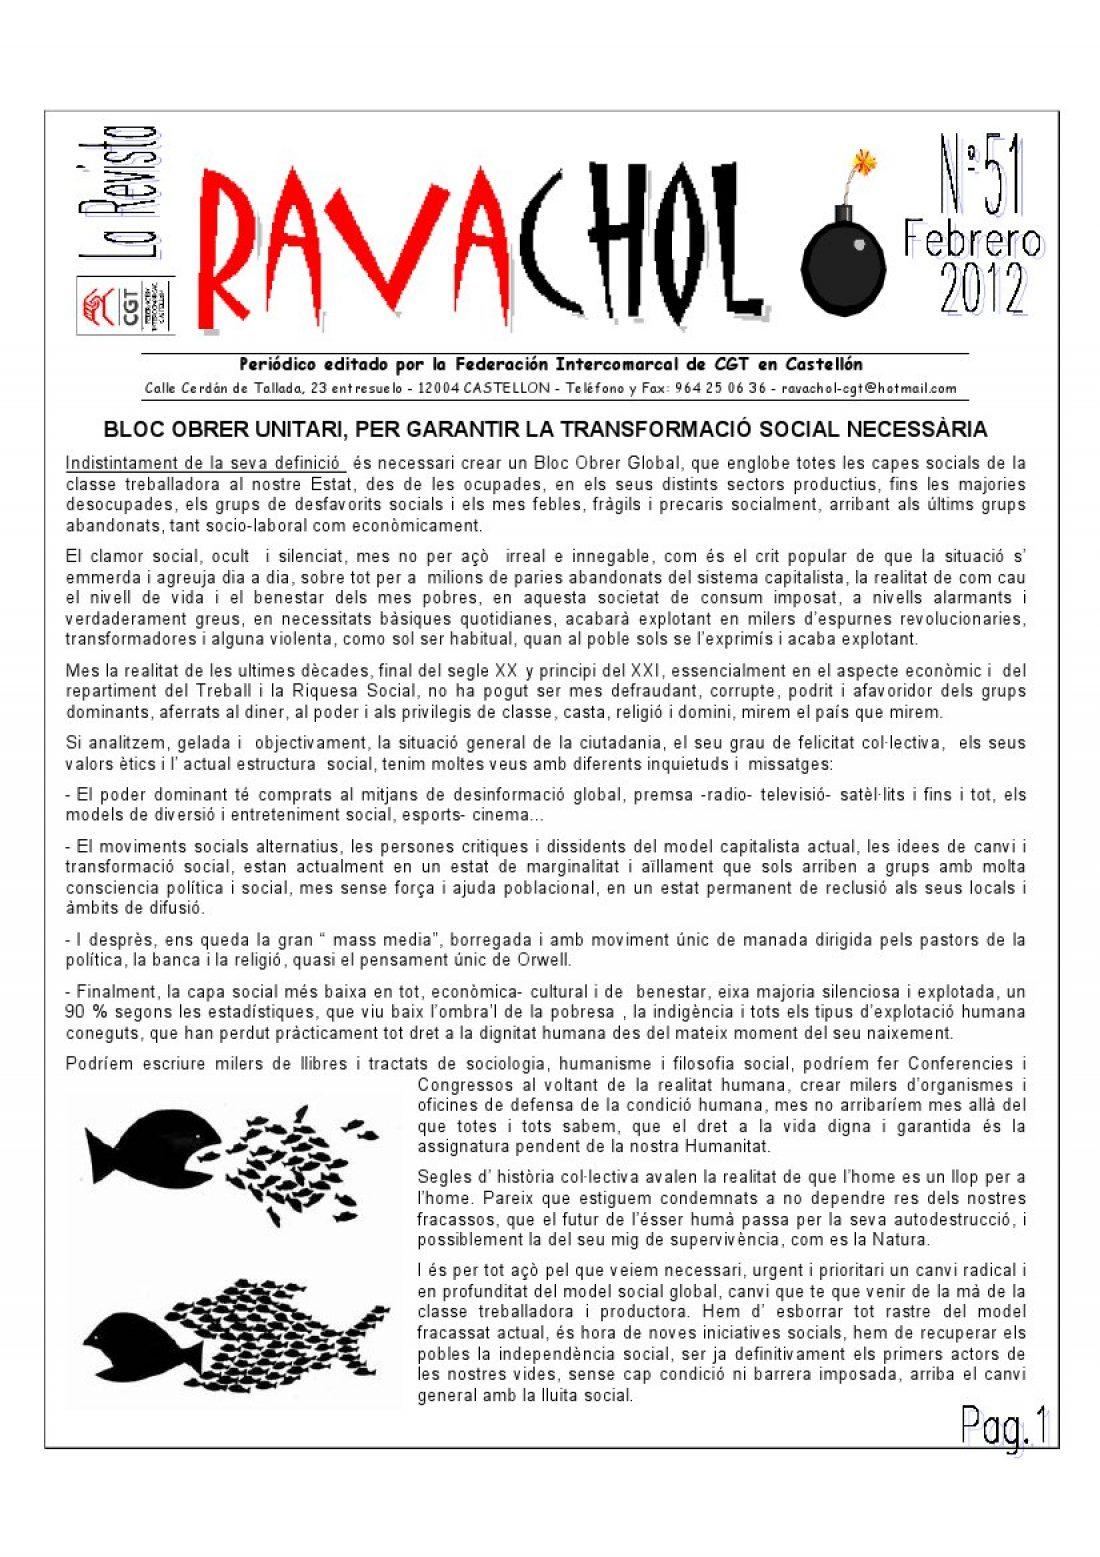 Ravachol núm. 51 – Febrero 2012